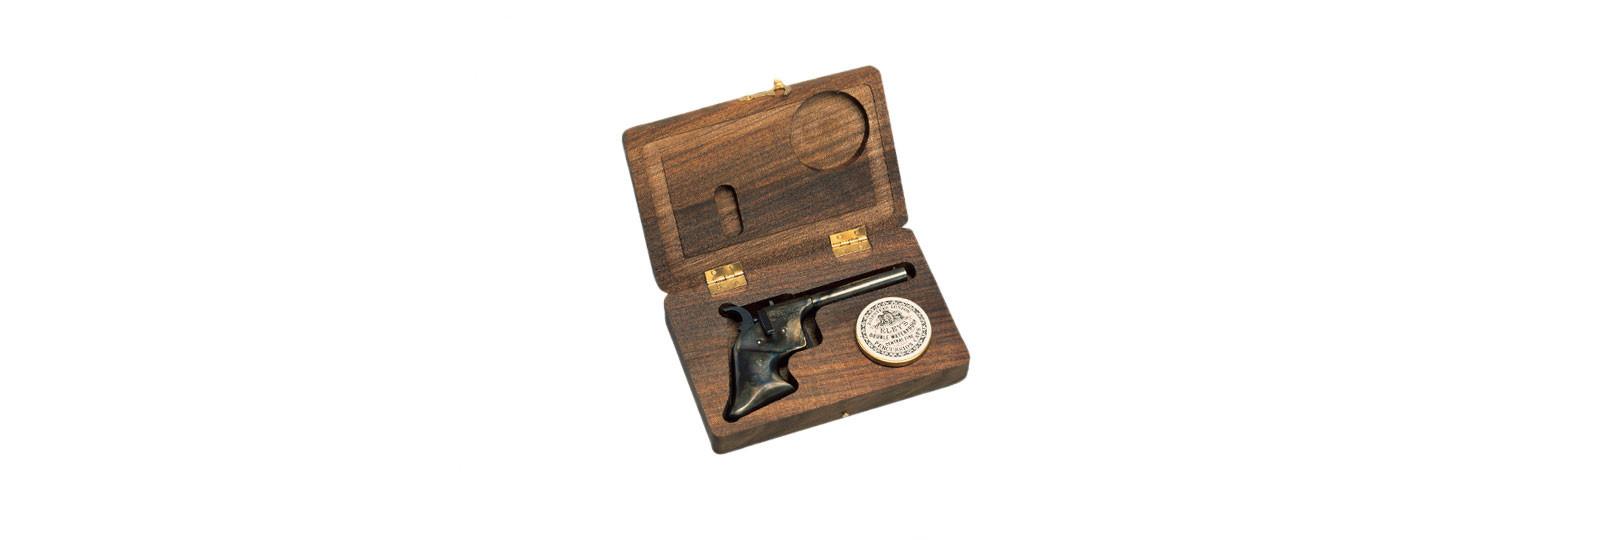 Derringer Rider hardened Pistol with case